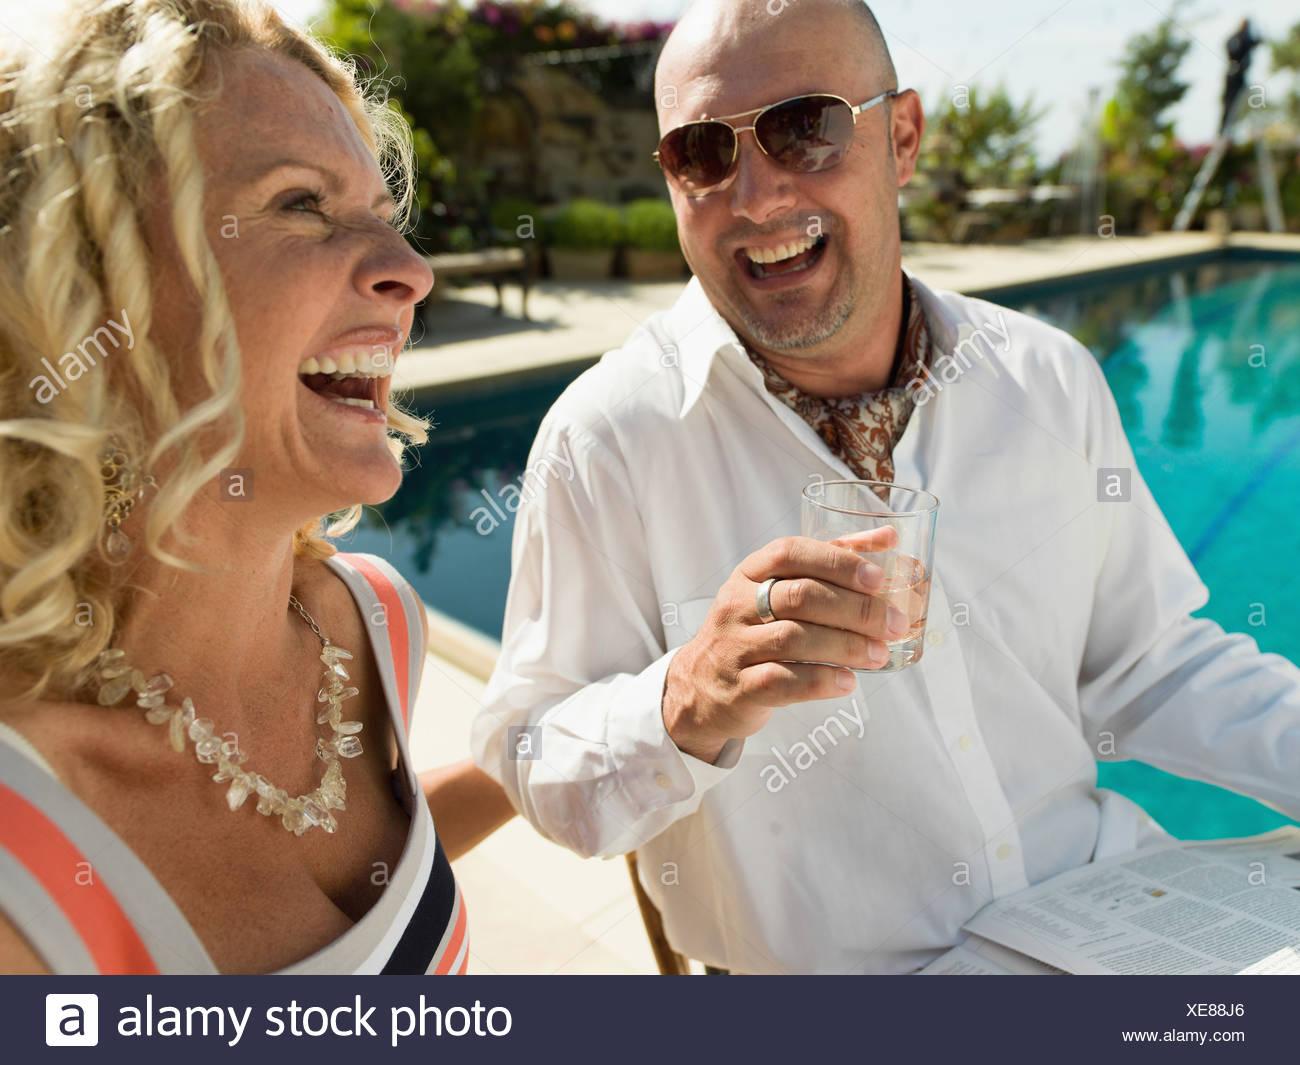 Ein junger Mann genießt sein Getränk mit einer schönen Frau an der Seite eines Schwimmbades in San Diego. Stockbild